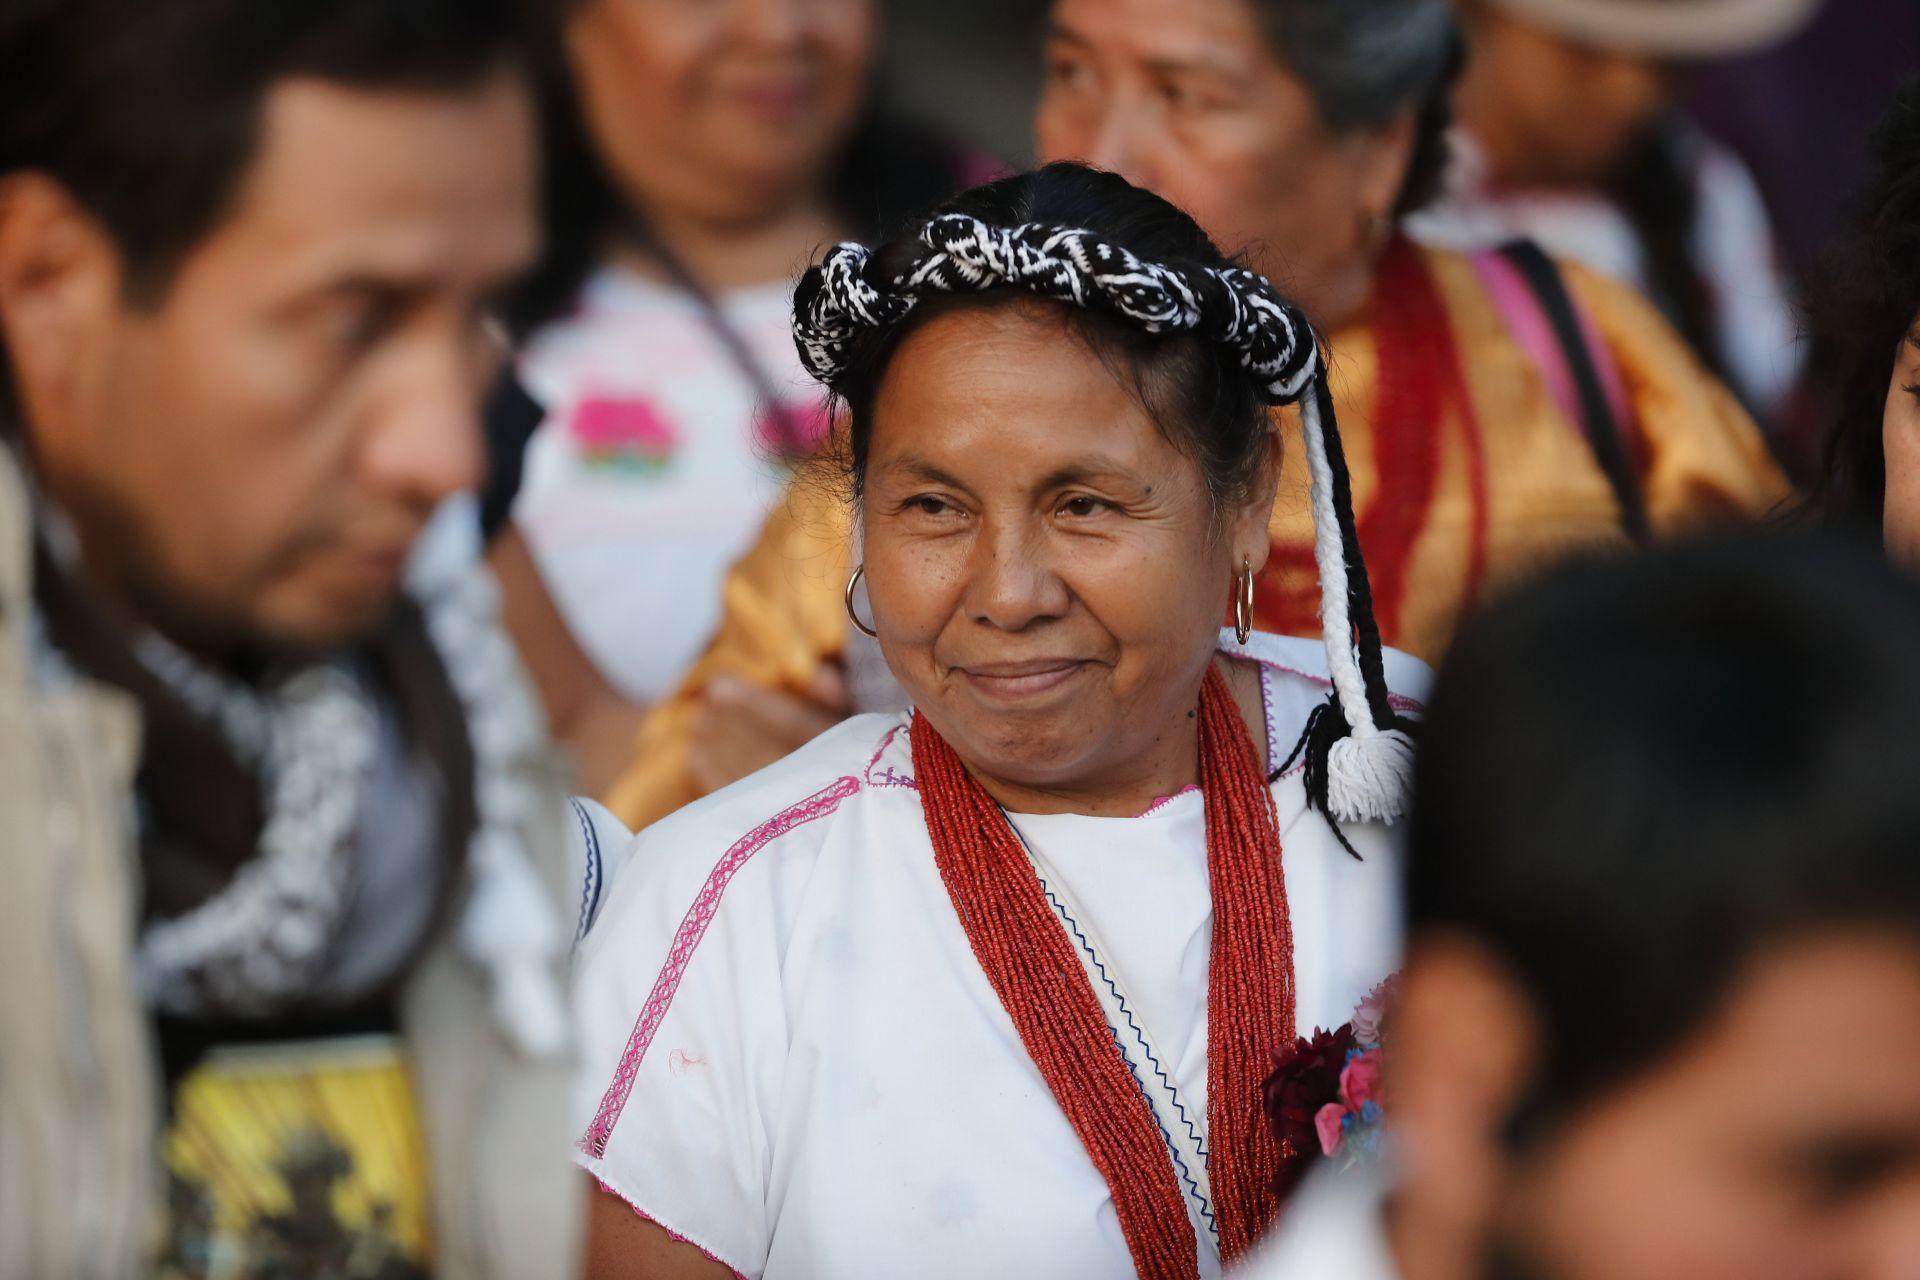 Marichuy candidata indigena a la presidencia de México